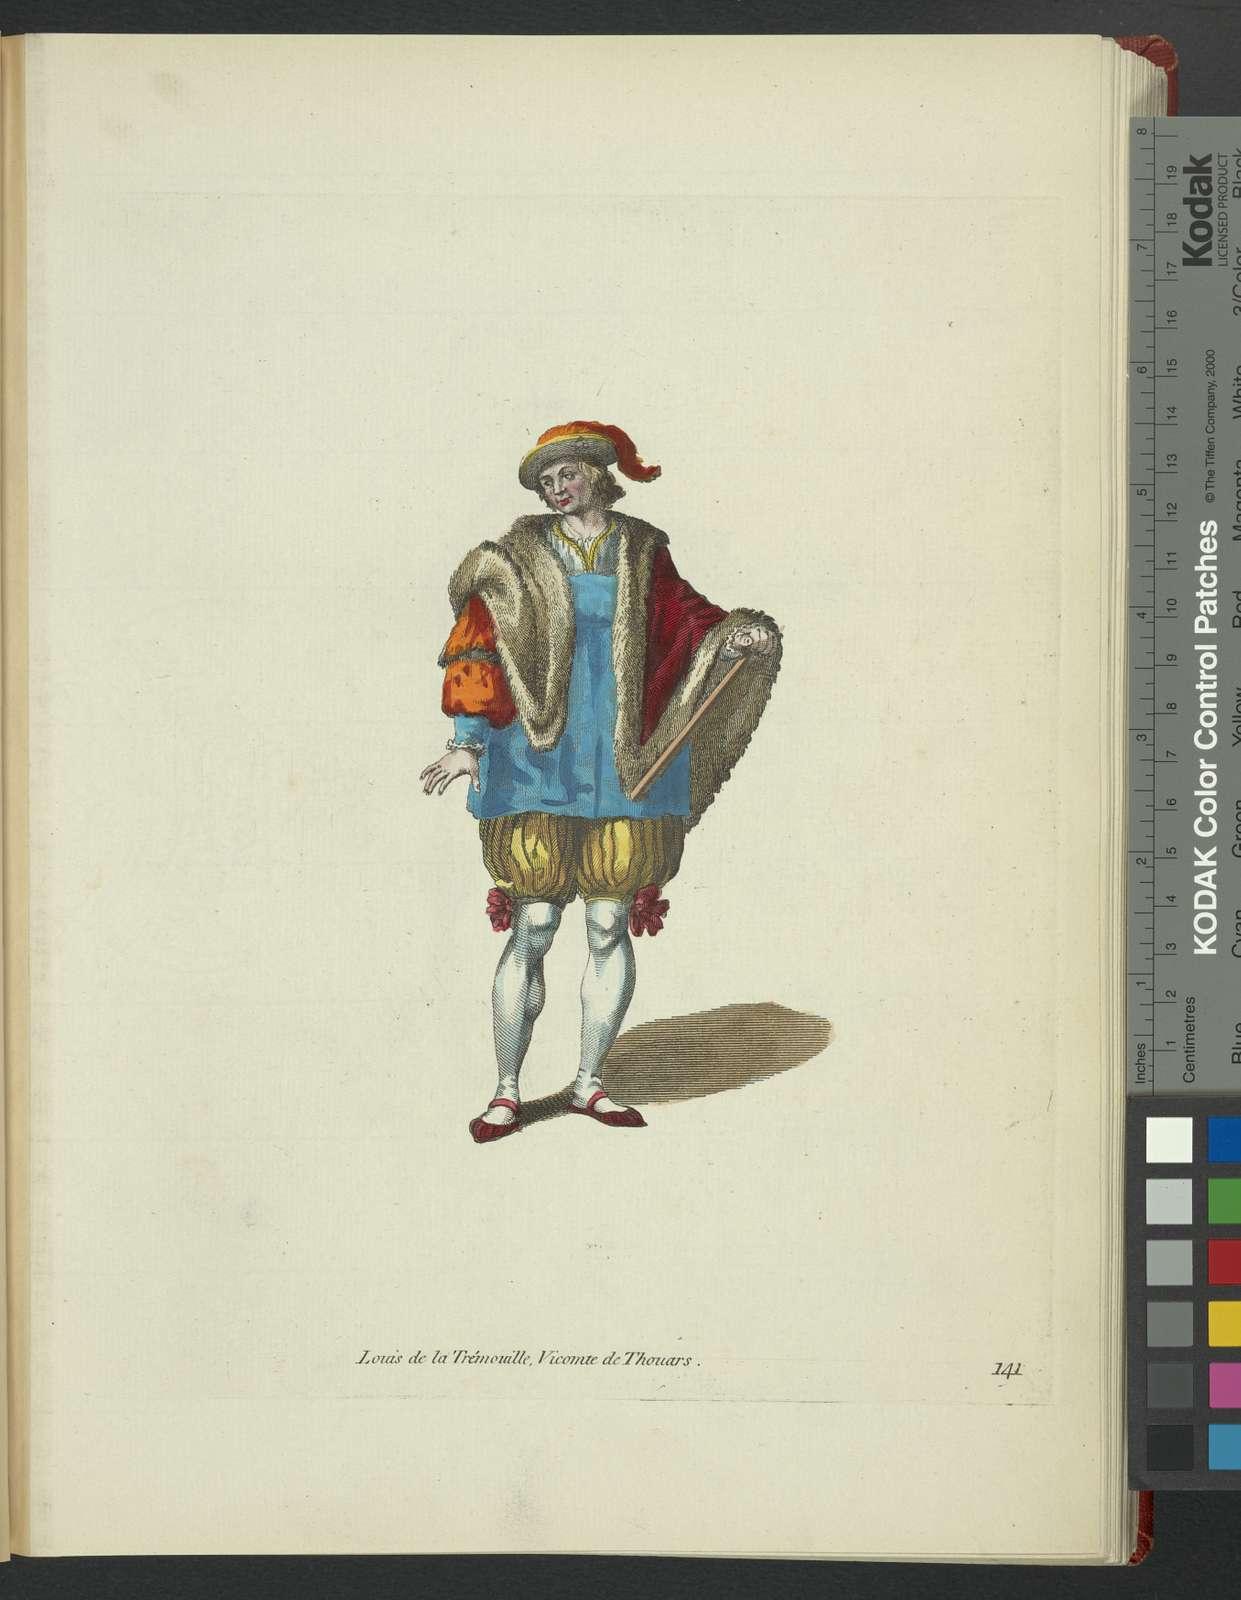 Lewis De la Trimoville, viscount of Thouars. Louis De la Trémouille, vicomte de Thouars.